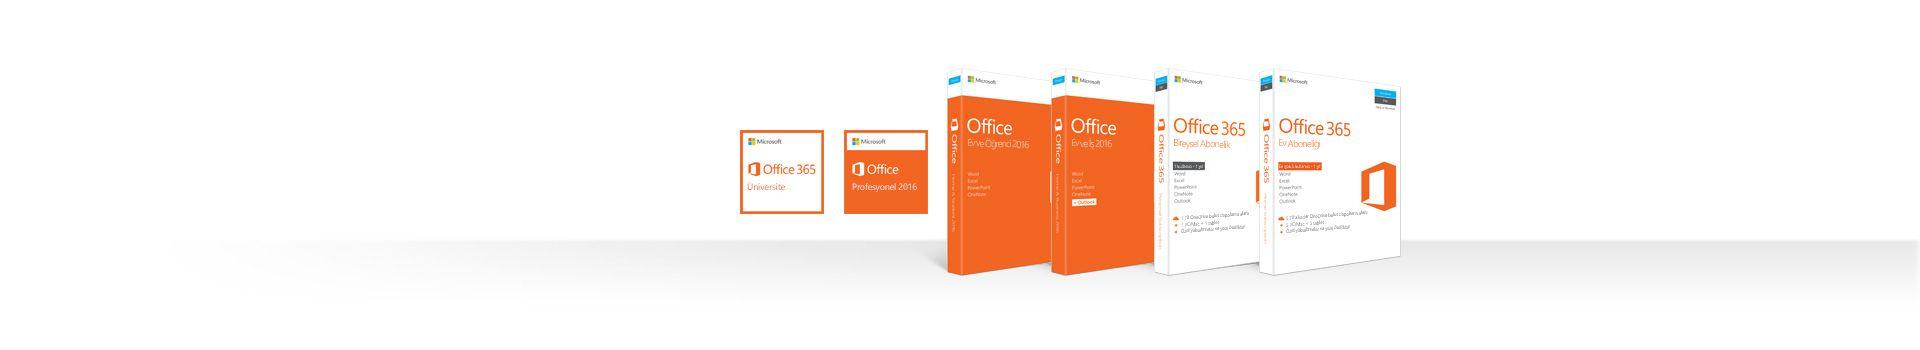 PC için Office 2016 ve Office 365 ürünlerini içeren bir sıra kutu